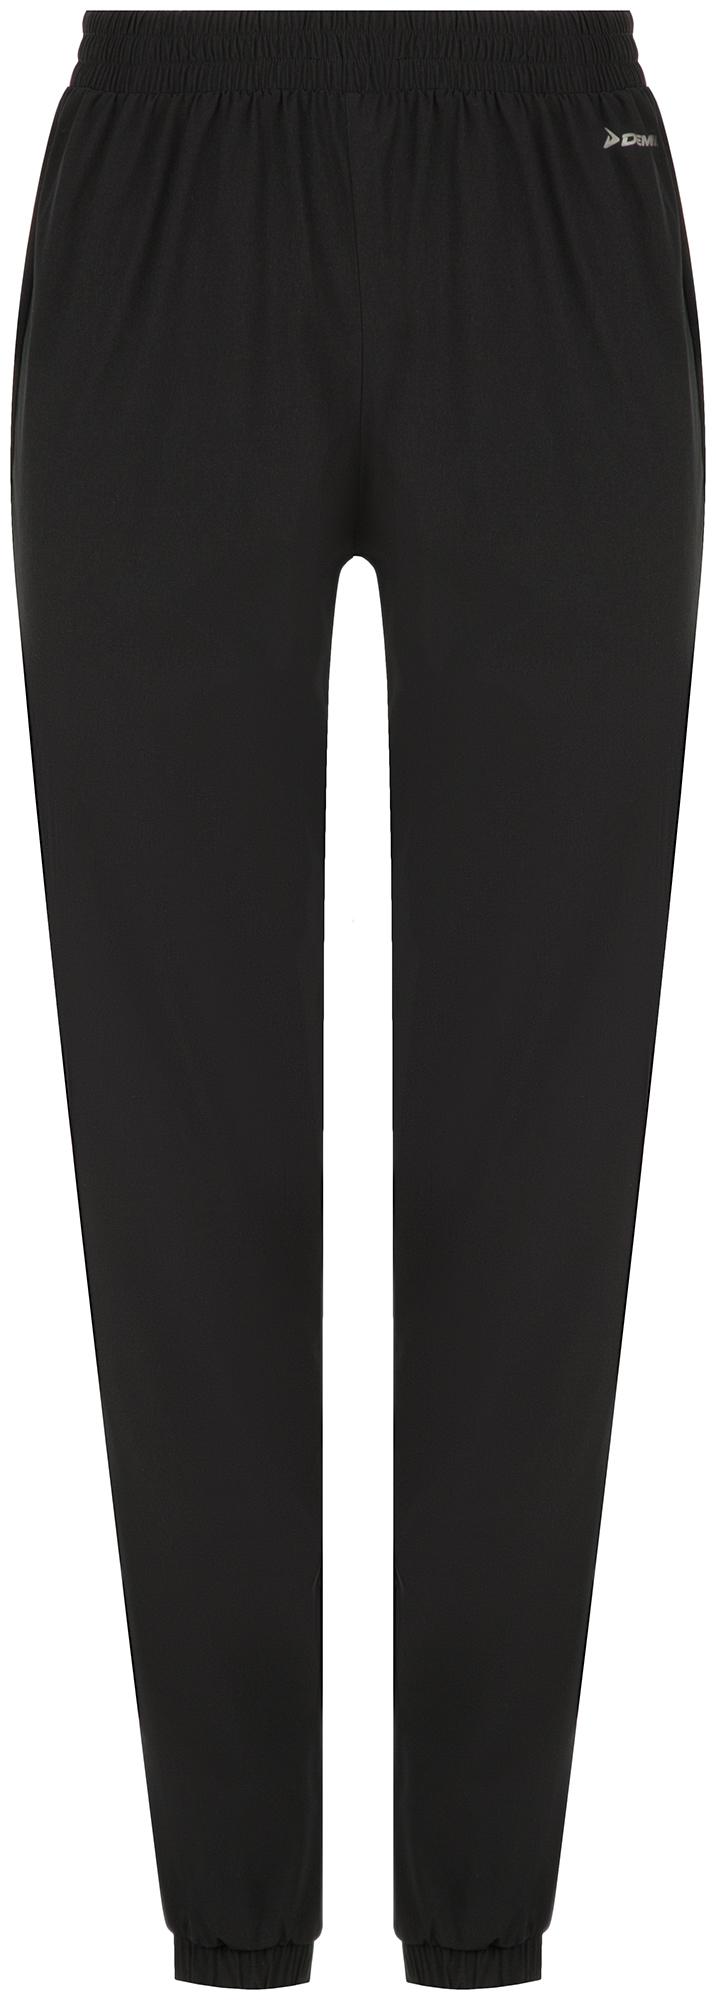 цена Demix Брюки женские Demix, размер 46 онлайн в 2017 году